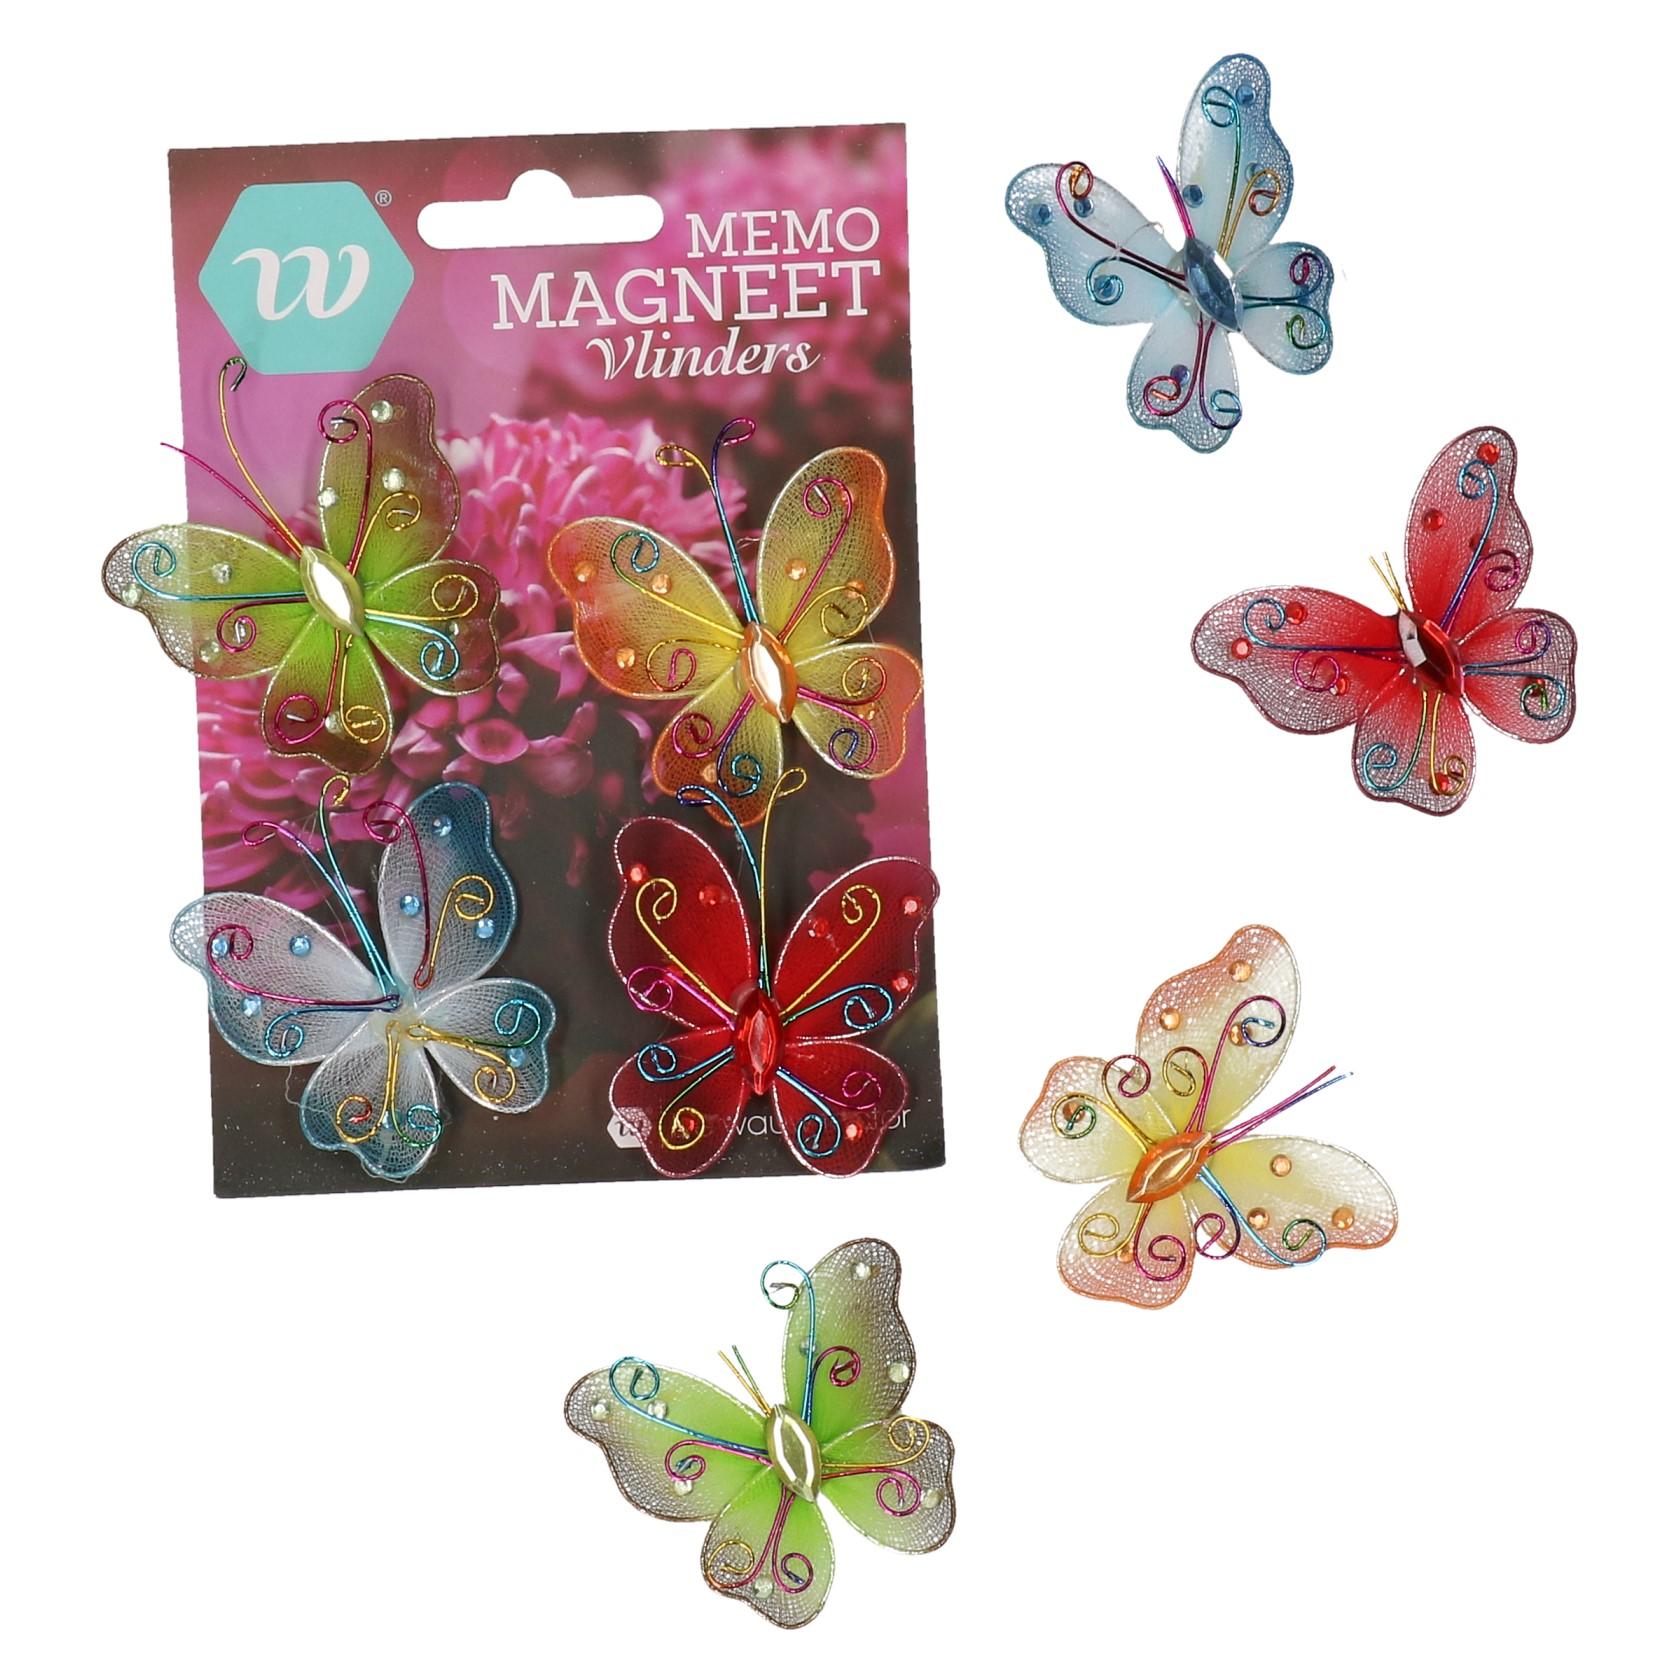 Vlinder memo magneet 4 delig